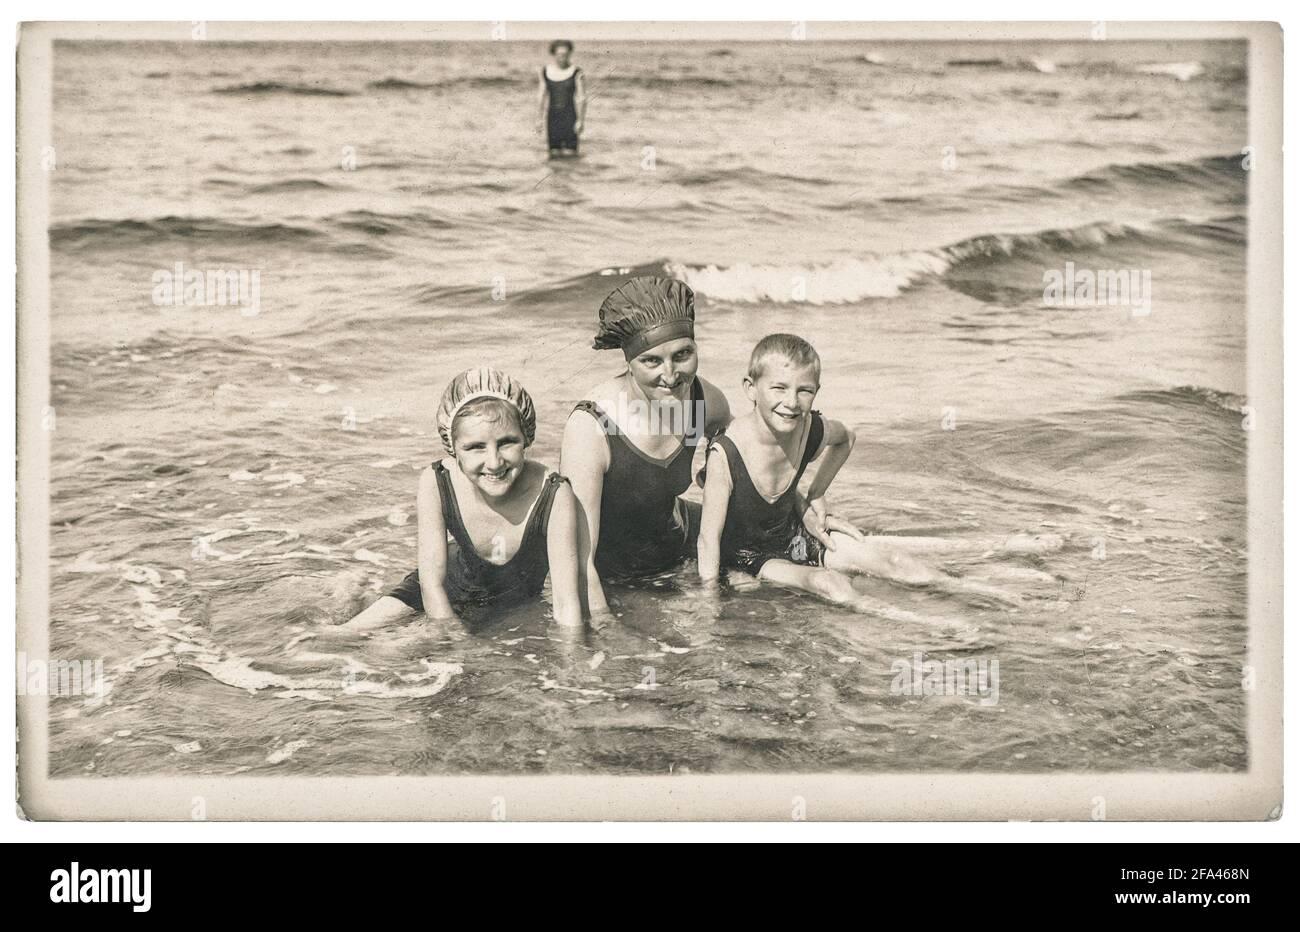 Foto vieja madre y niños en el mar. Vacaciones de verano. Imagen vintage con el grano original de la película y el desenfoque de aprox. 1920 Foto de stock